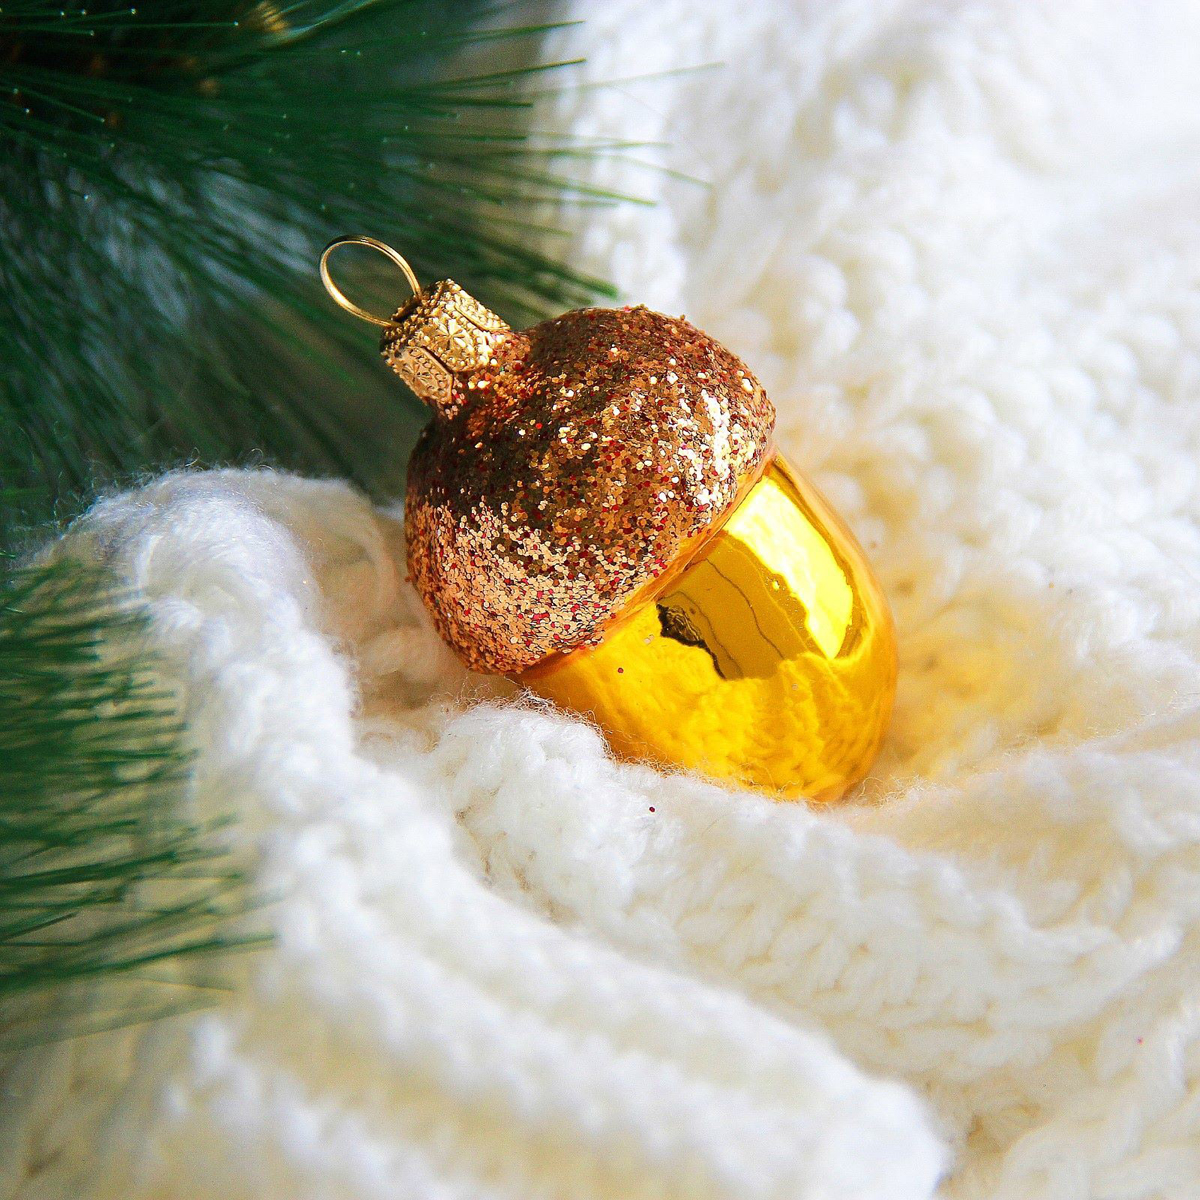 Новогоднее подвесное украшение Ёлочка Желудь, 6 х 4 х 4 см2564809Новогоднее подвесное украшение Ёлочка отлично подойдет для декорации вашего дома и новогодней ели. Новогоднее украшение можно повесить в любом понравившемся вам месте. Но, конечно, удачнее всего оно будет смотреться на праздничной елке.Елочная игрушка - символ Нового года. Она несет в себе волшебство и красоту праздника. Такое украшение создаст в вашем доме атмосферу праздника, веселья и радости.